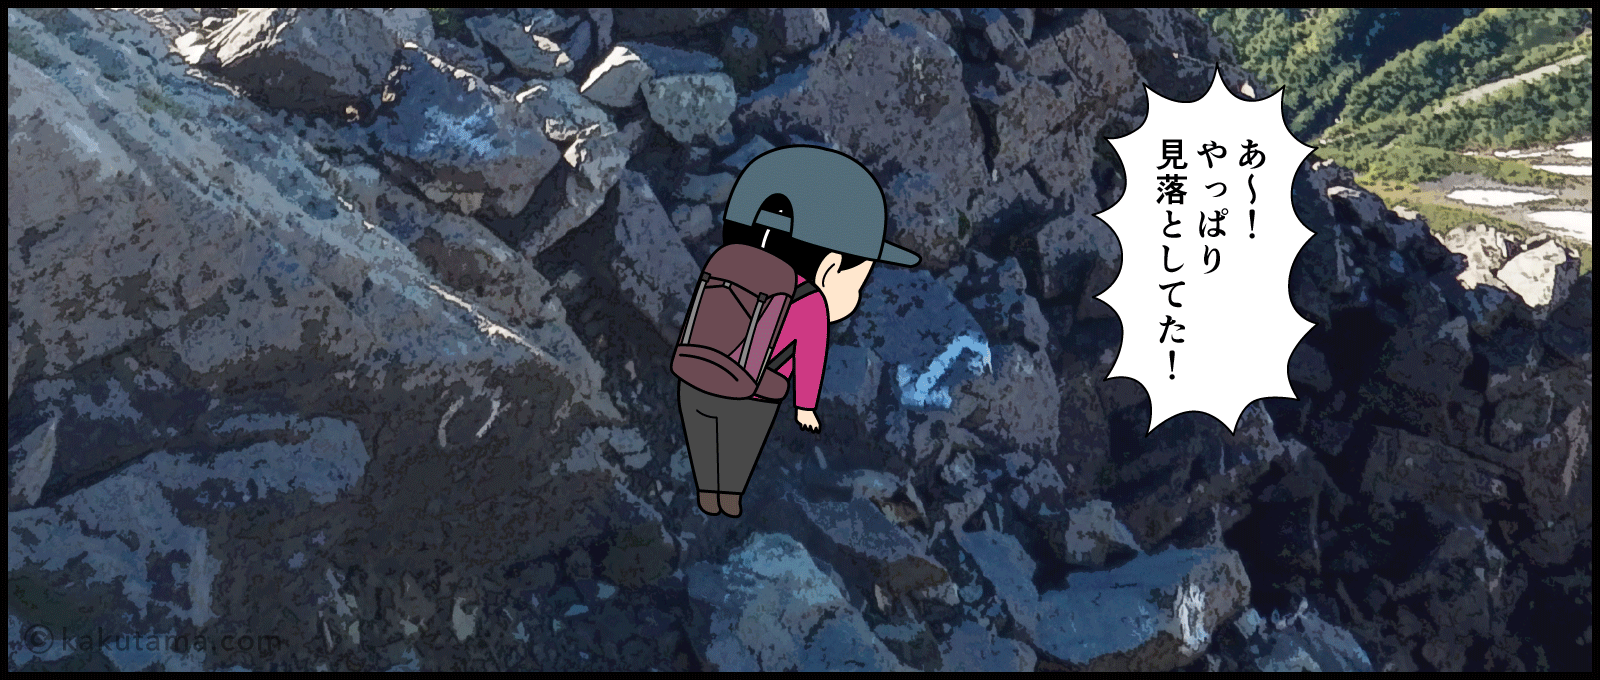 登山道のペンキマーク見落としに気がつくイラスト